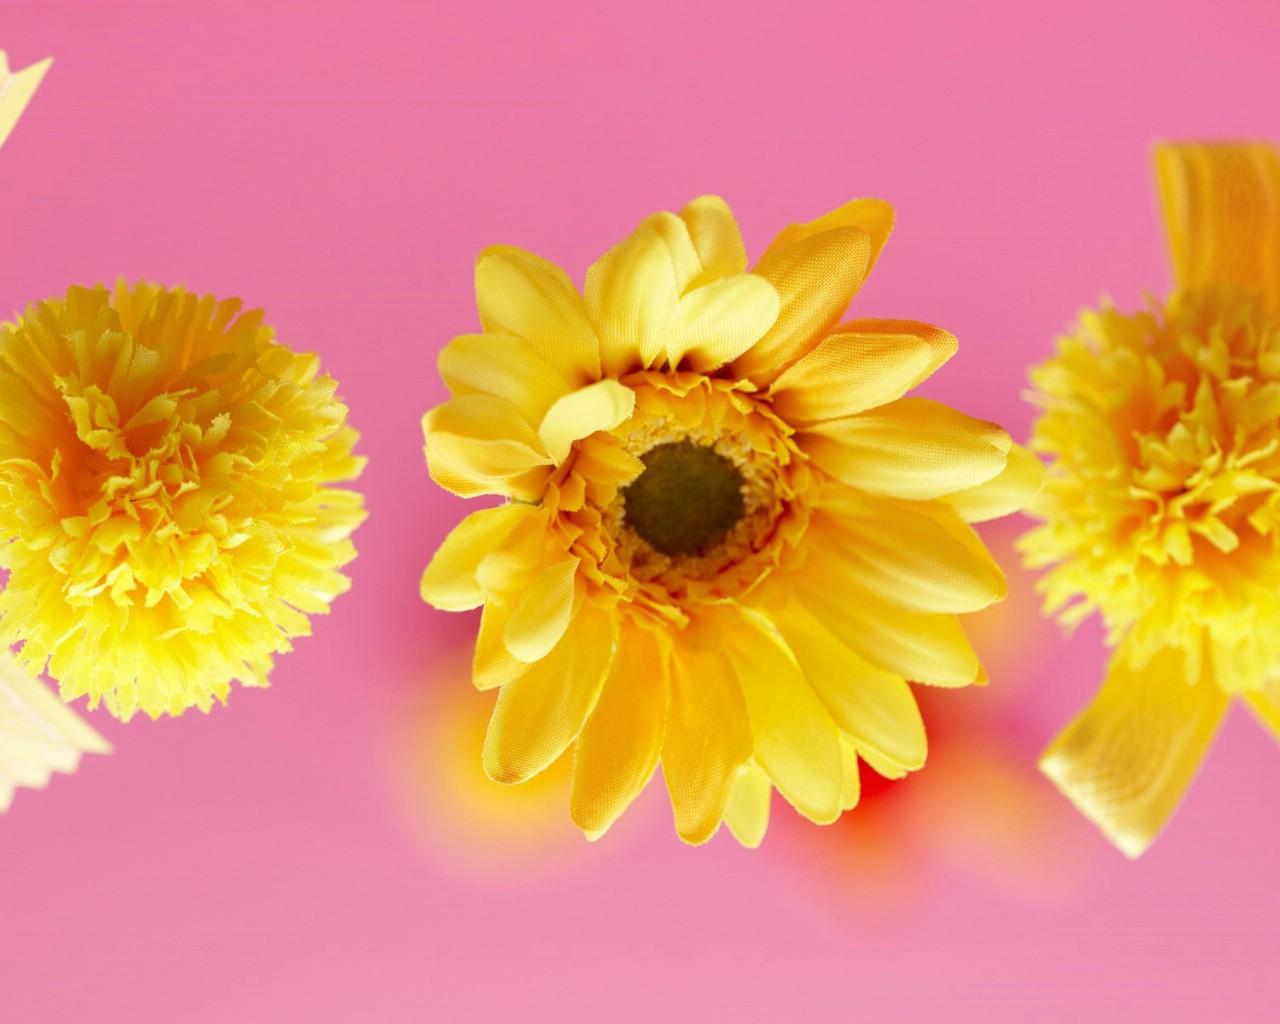 壁纸1280×1024室内装饰仿真花卉图片 1920 1200壁纸 温馨布艺仿真花卉壁纸壁纸图片花卉壁纸花卉图片素材桌面壁纸